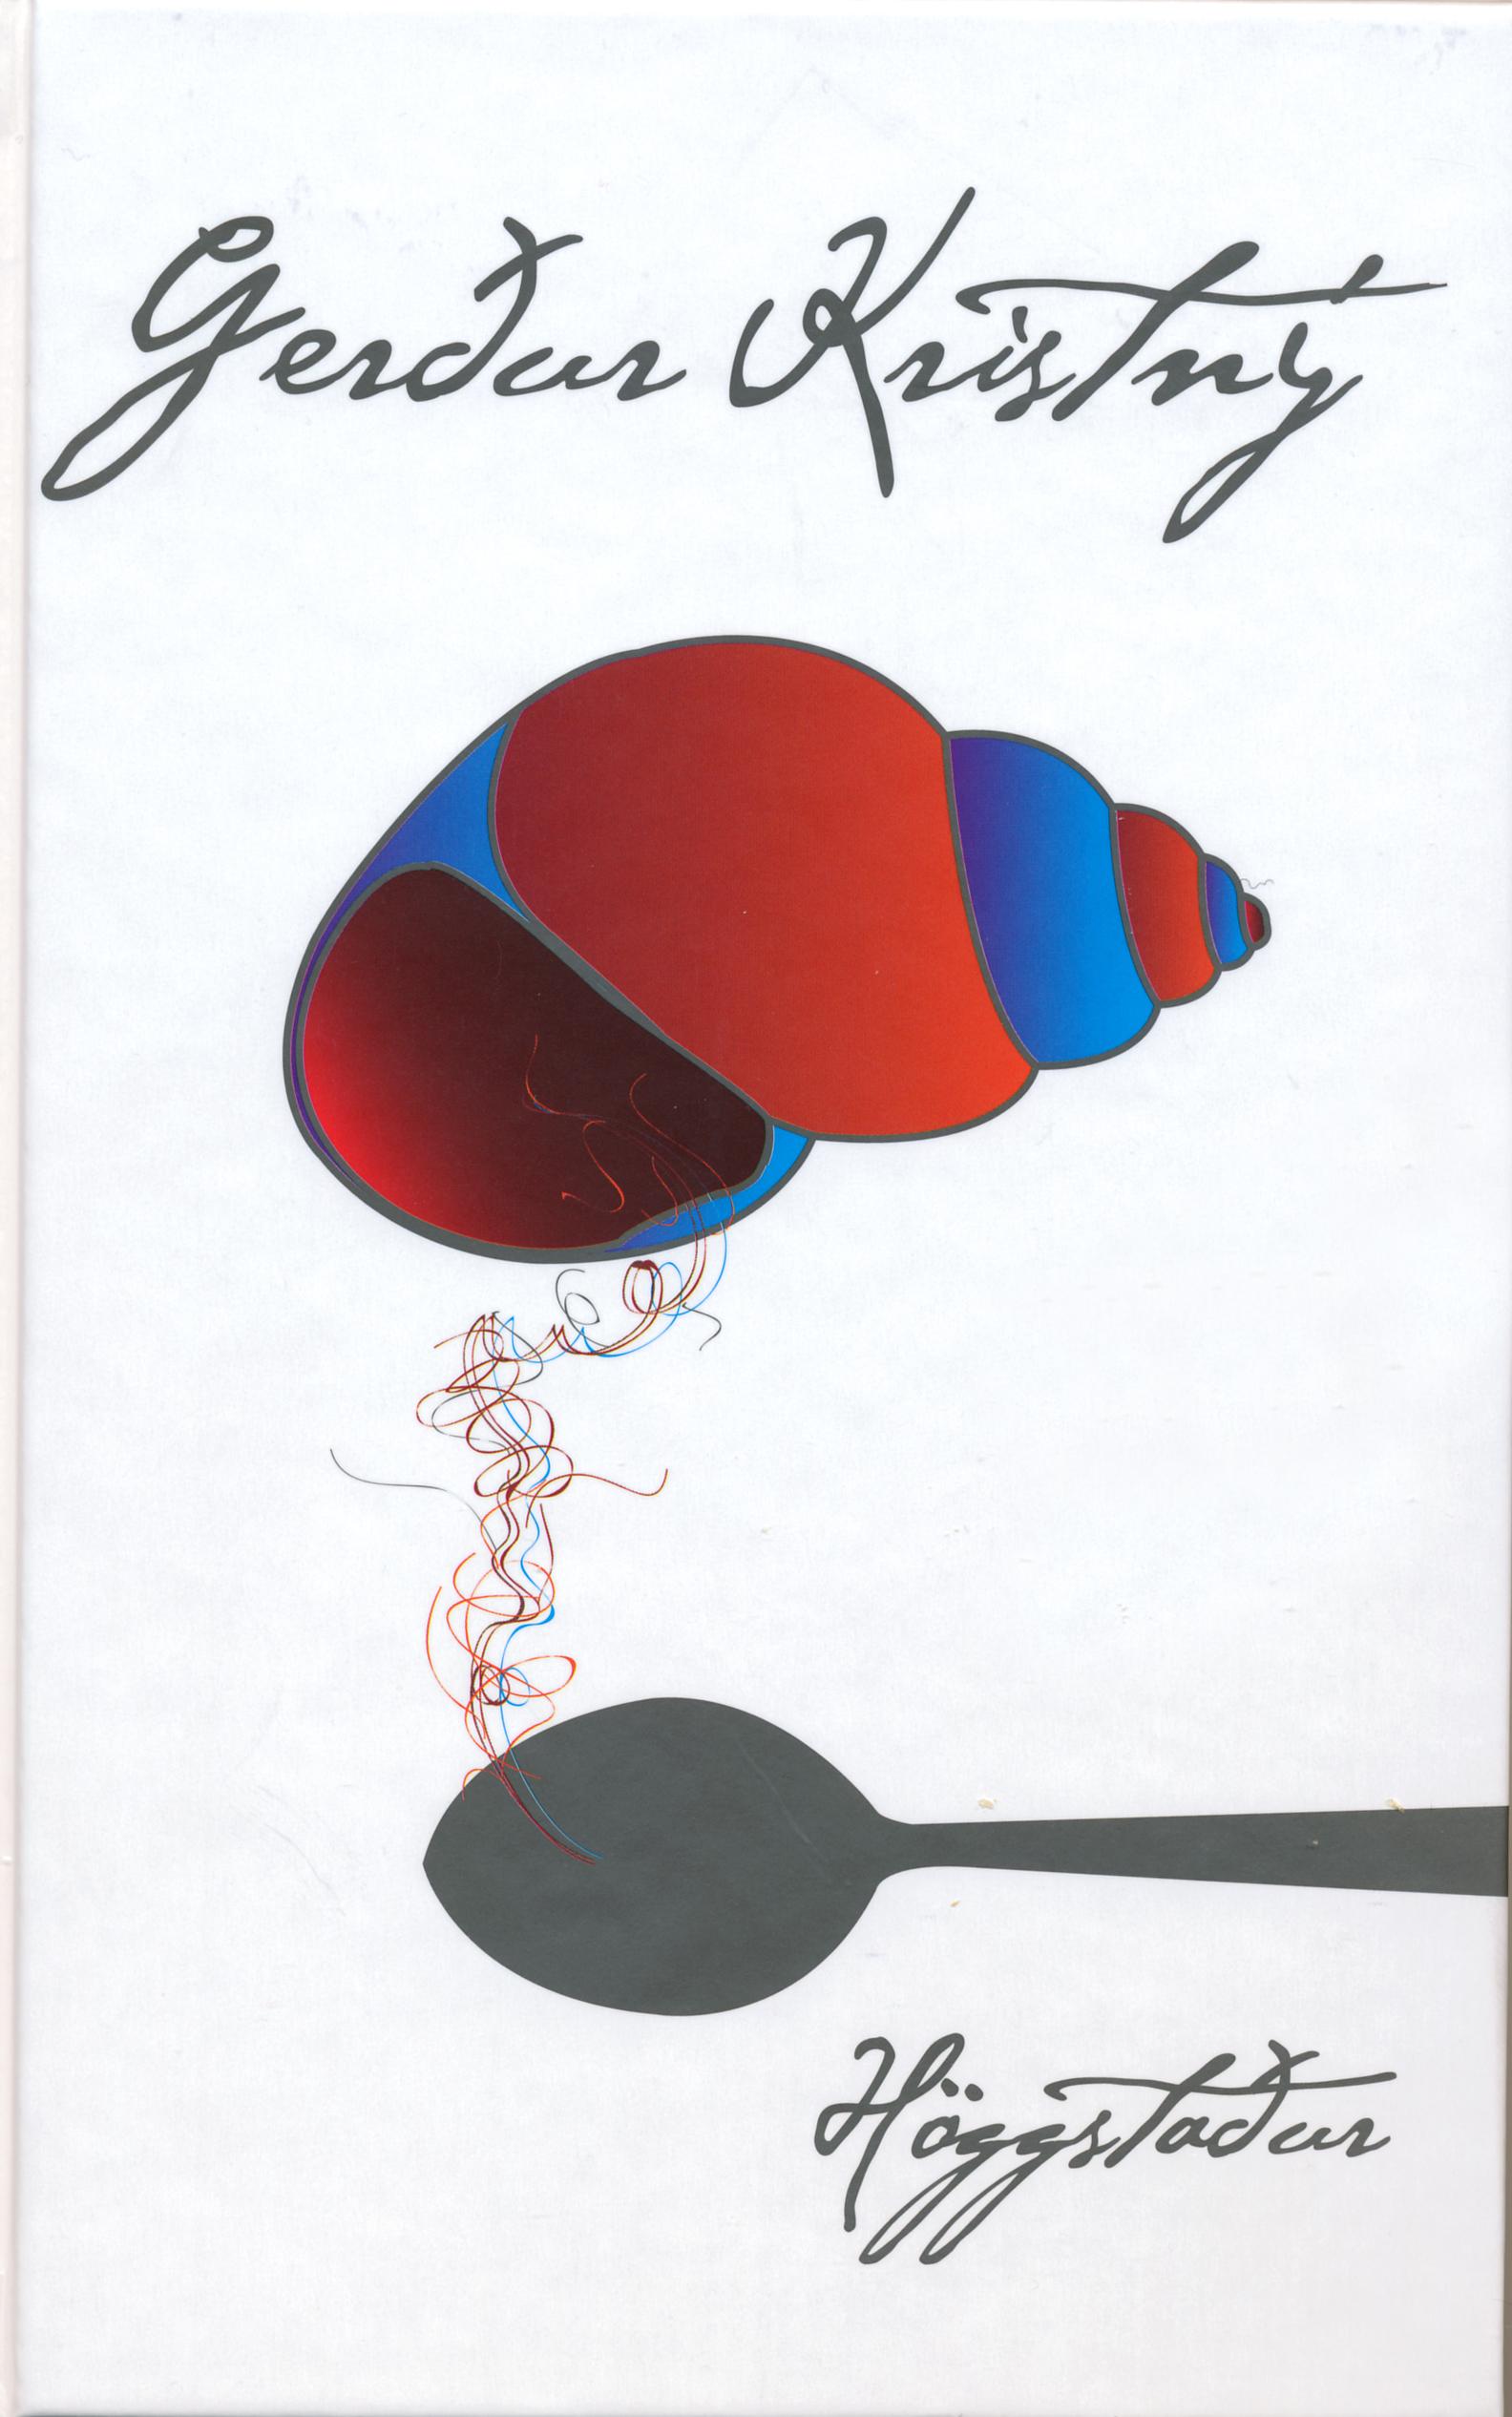 Ég veit þú kemur – Þjóðhátíð í Eyjum 2002